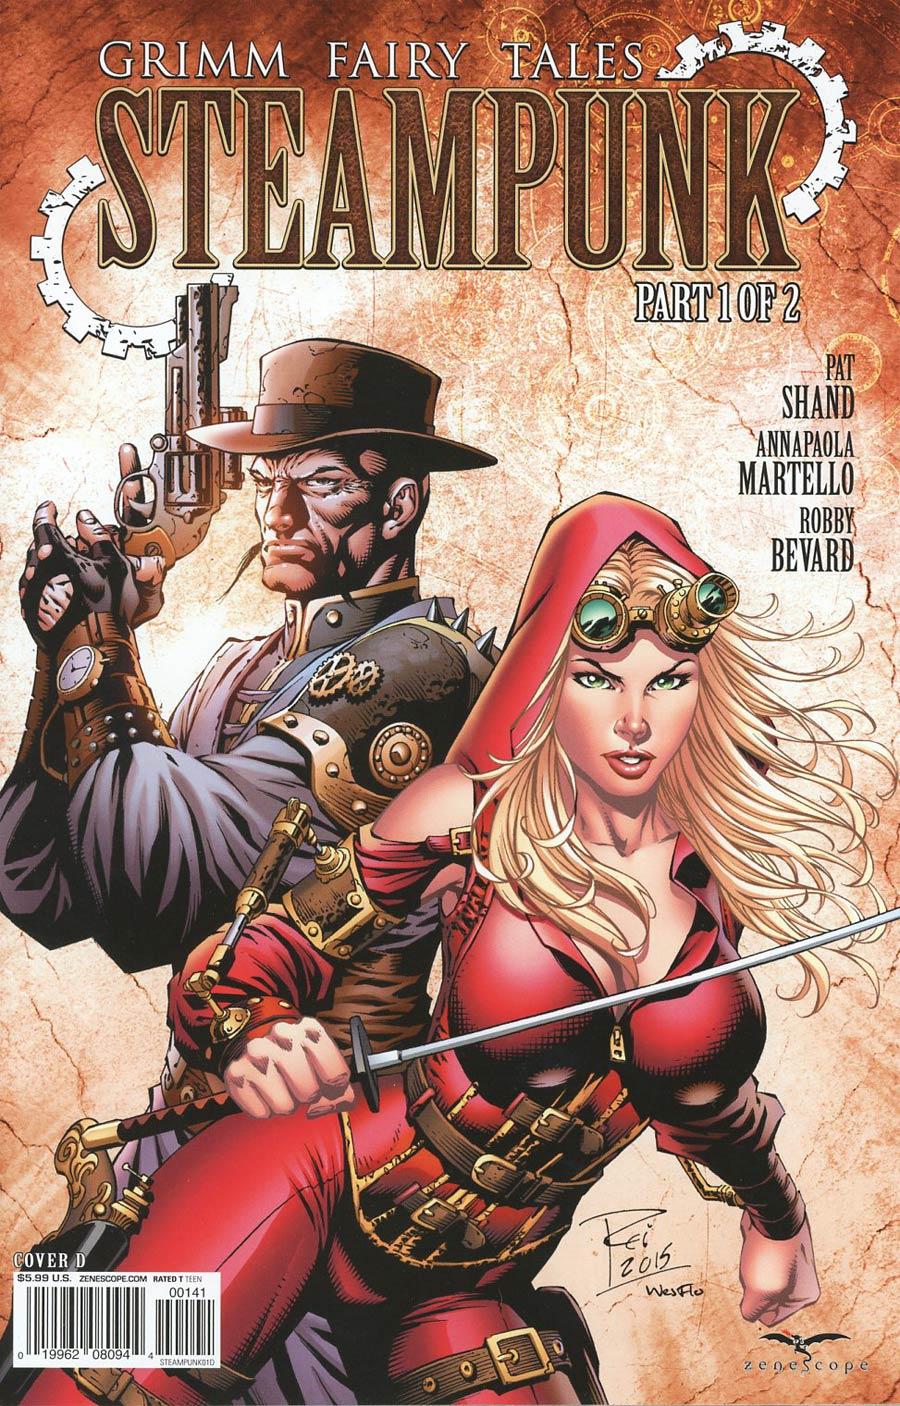 Grimm Fairy Tales Presents Steampunk #1 Cover D Renato Rei